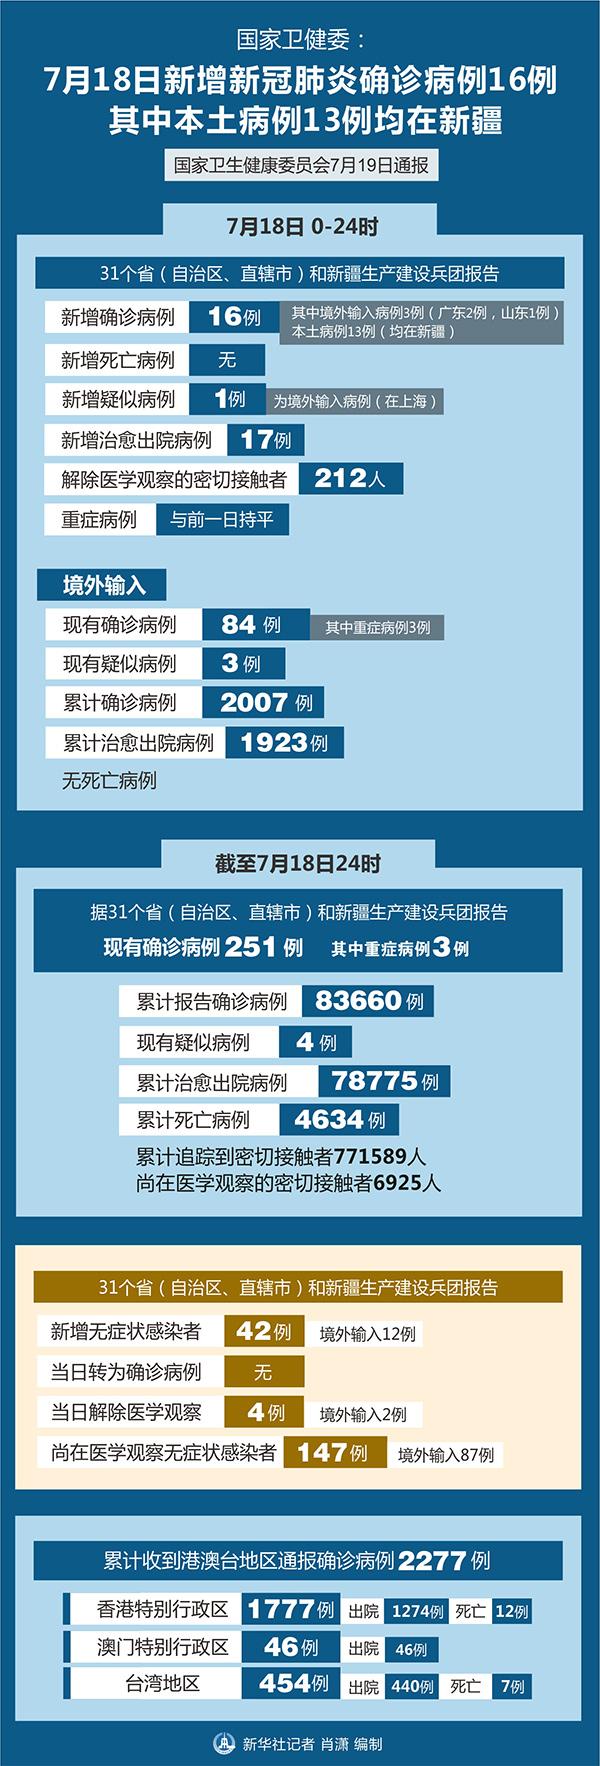 国家卫健委:18日新增新冠肺炎确诊病例16例 其中本土13例在新疆